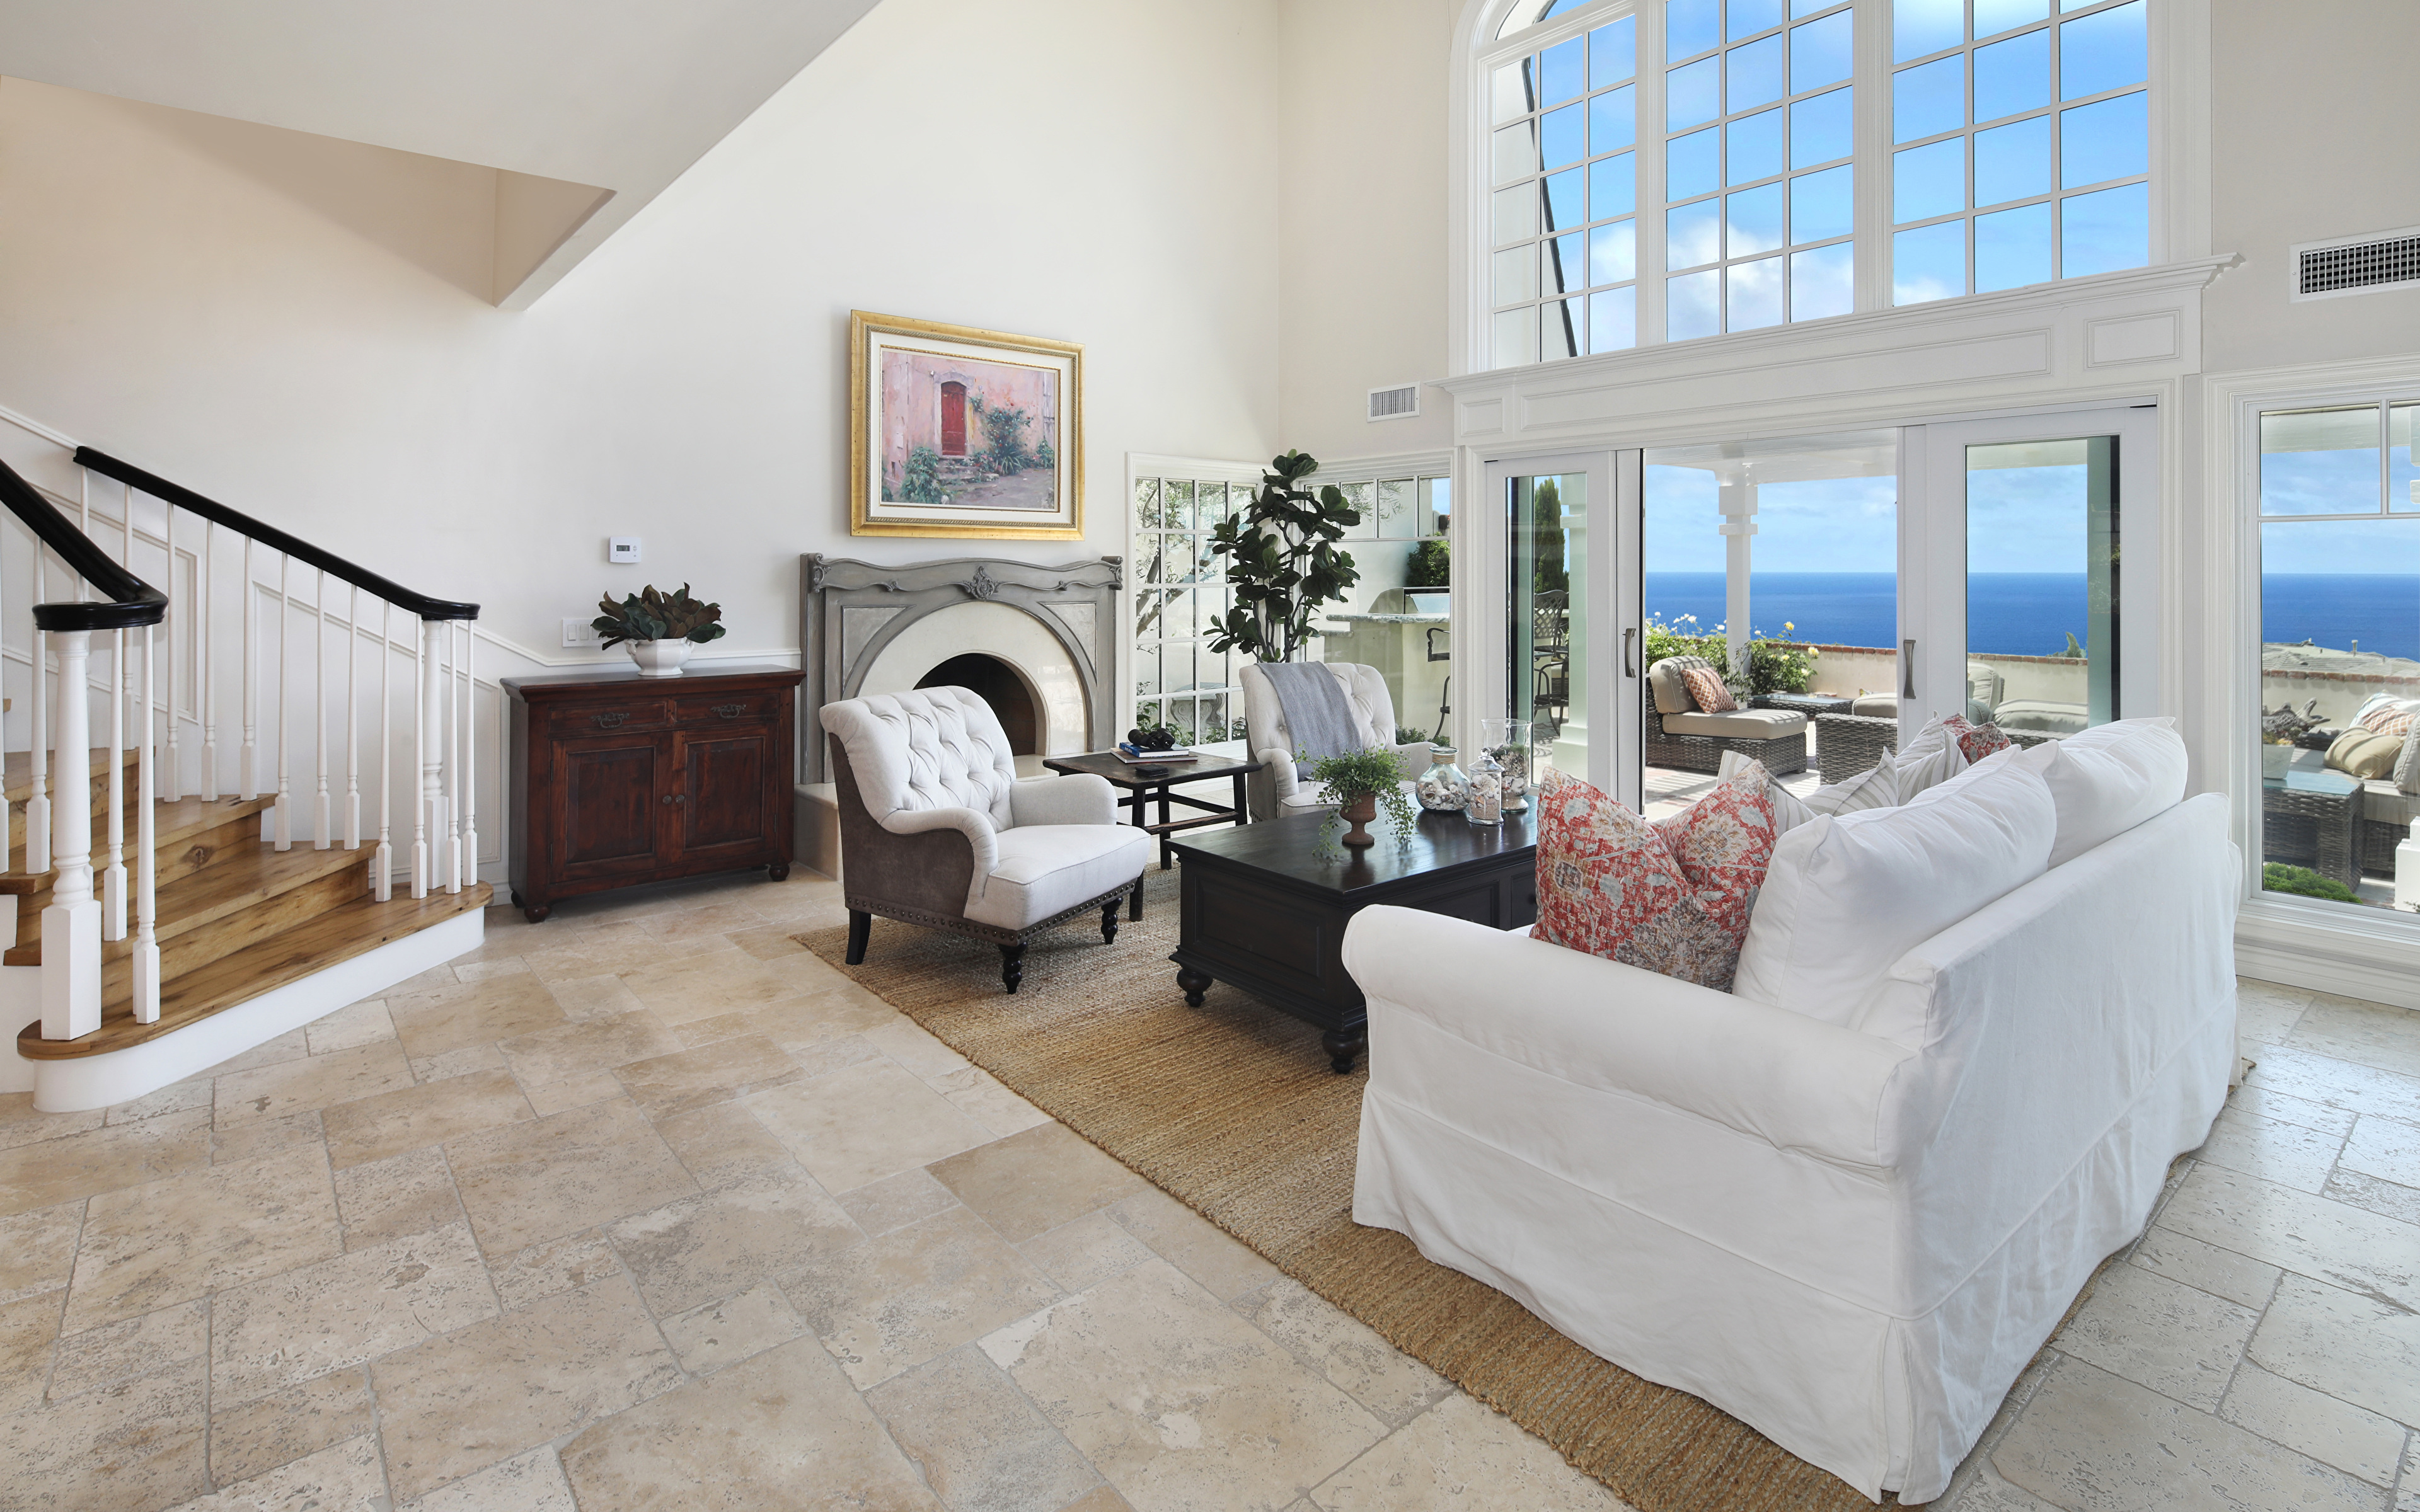 Фото гостевая Интерьер Диван Кресло Дизайн 3840x2400 Гостиная диване дизайна